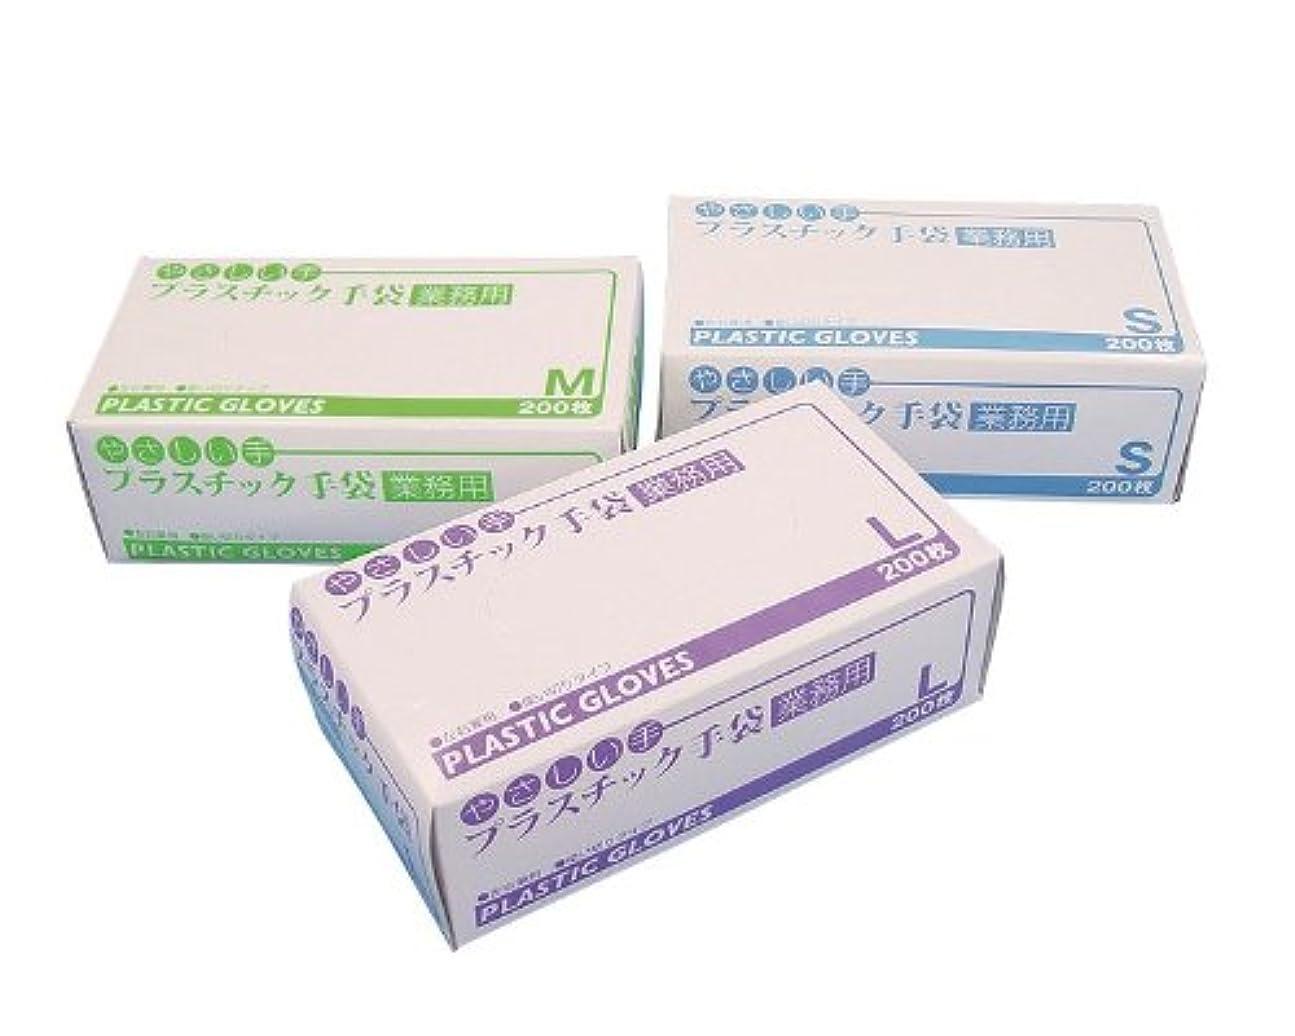 エクステント発症骨折やさしい手 プラスチック手袋 業務用 OM-460 200枚入/Lサイズ